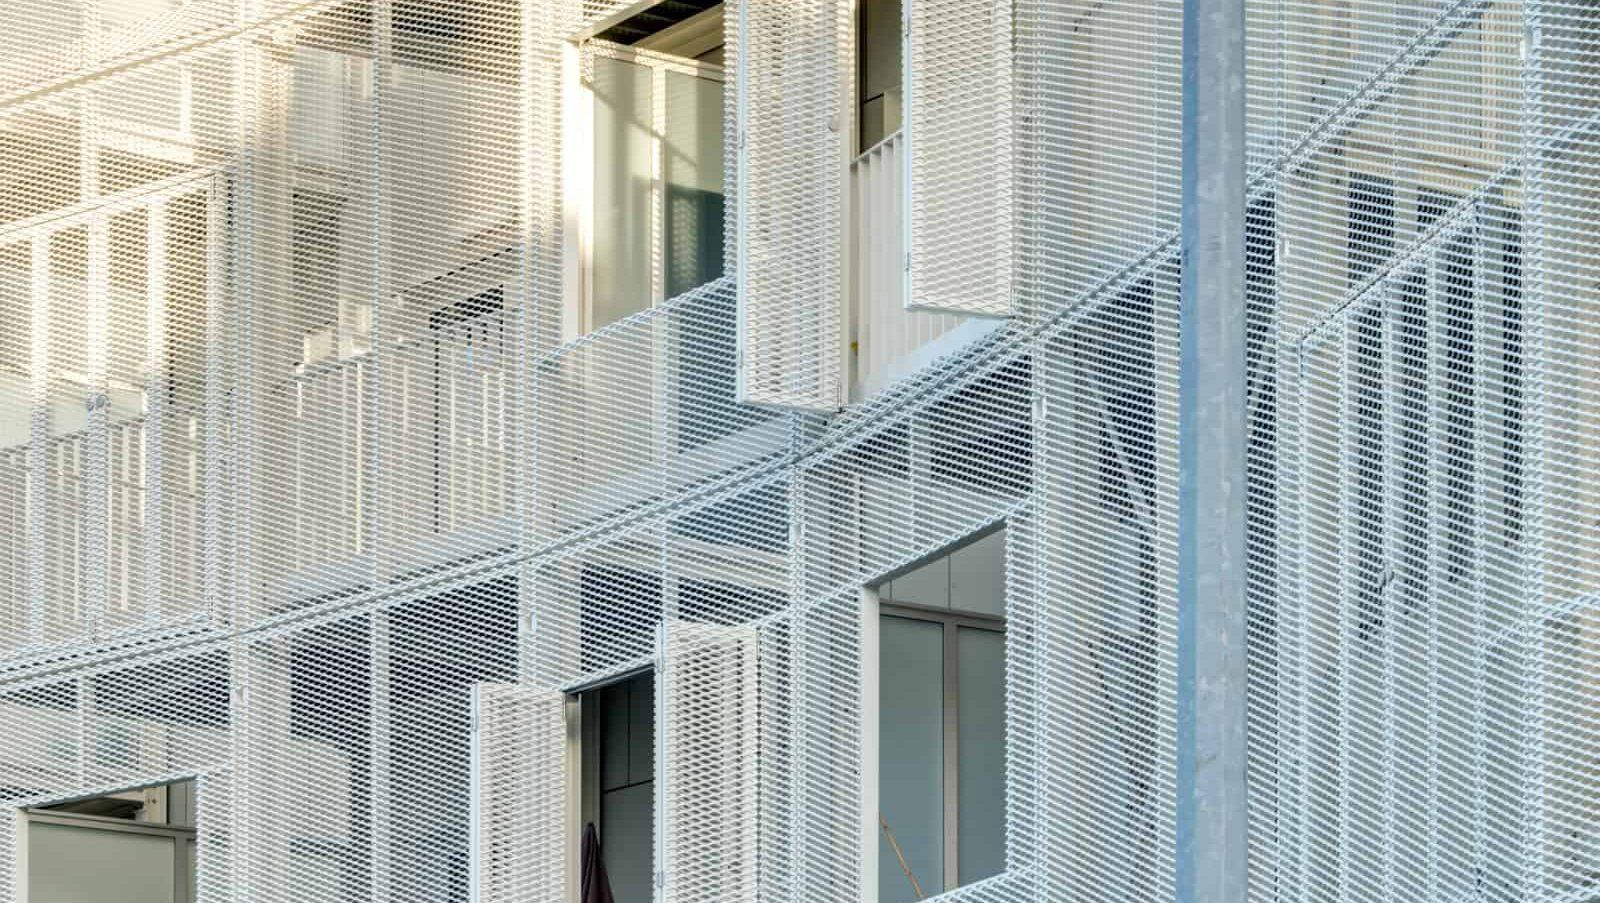 Luiken van strekmetaal als onderdeel van de gevelbekleding bij het woningbouwproject Gutenberg in Kortrijk België